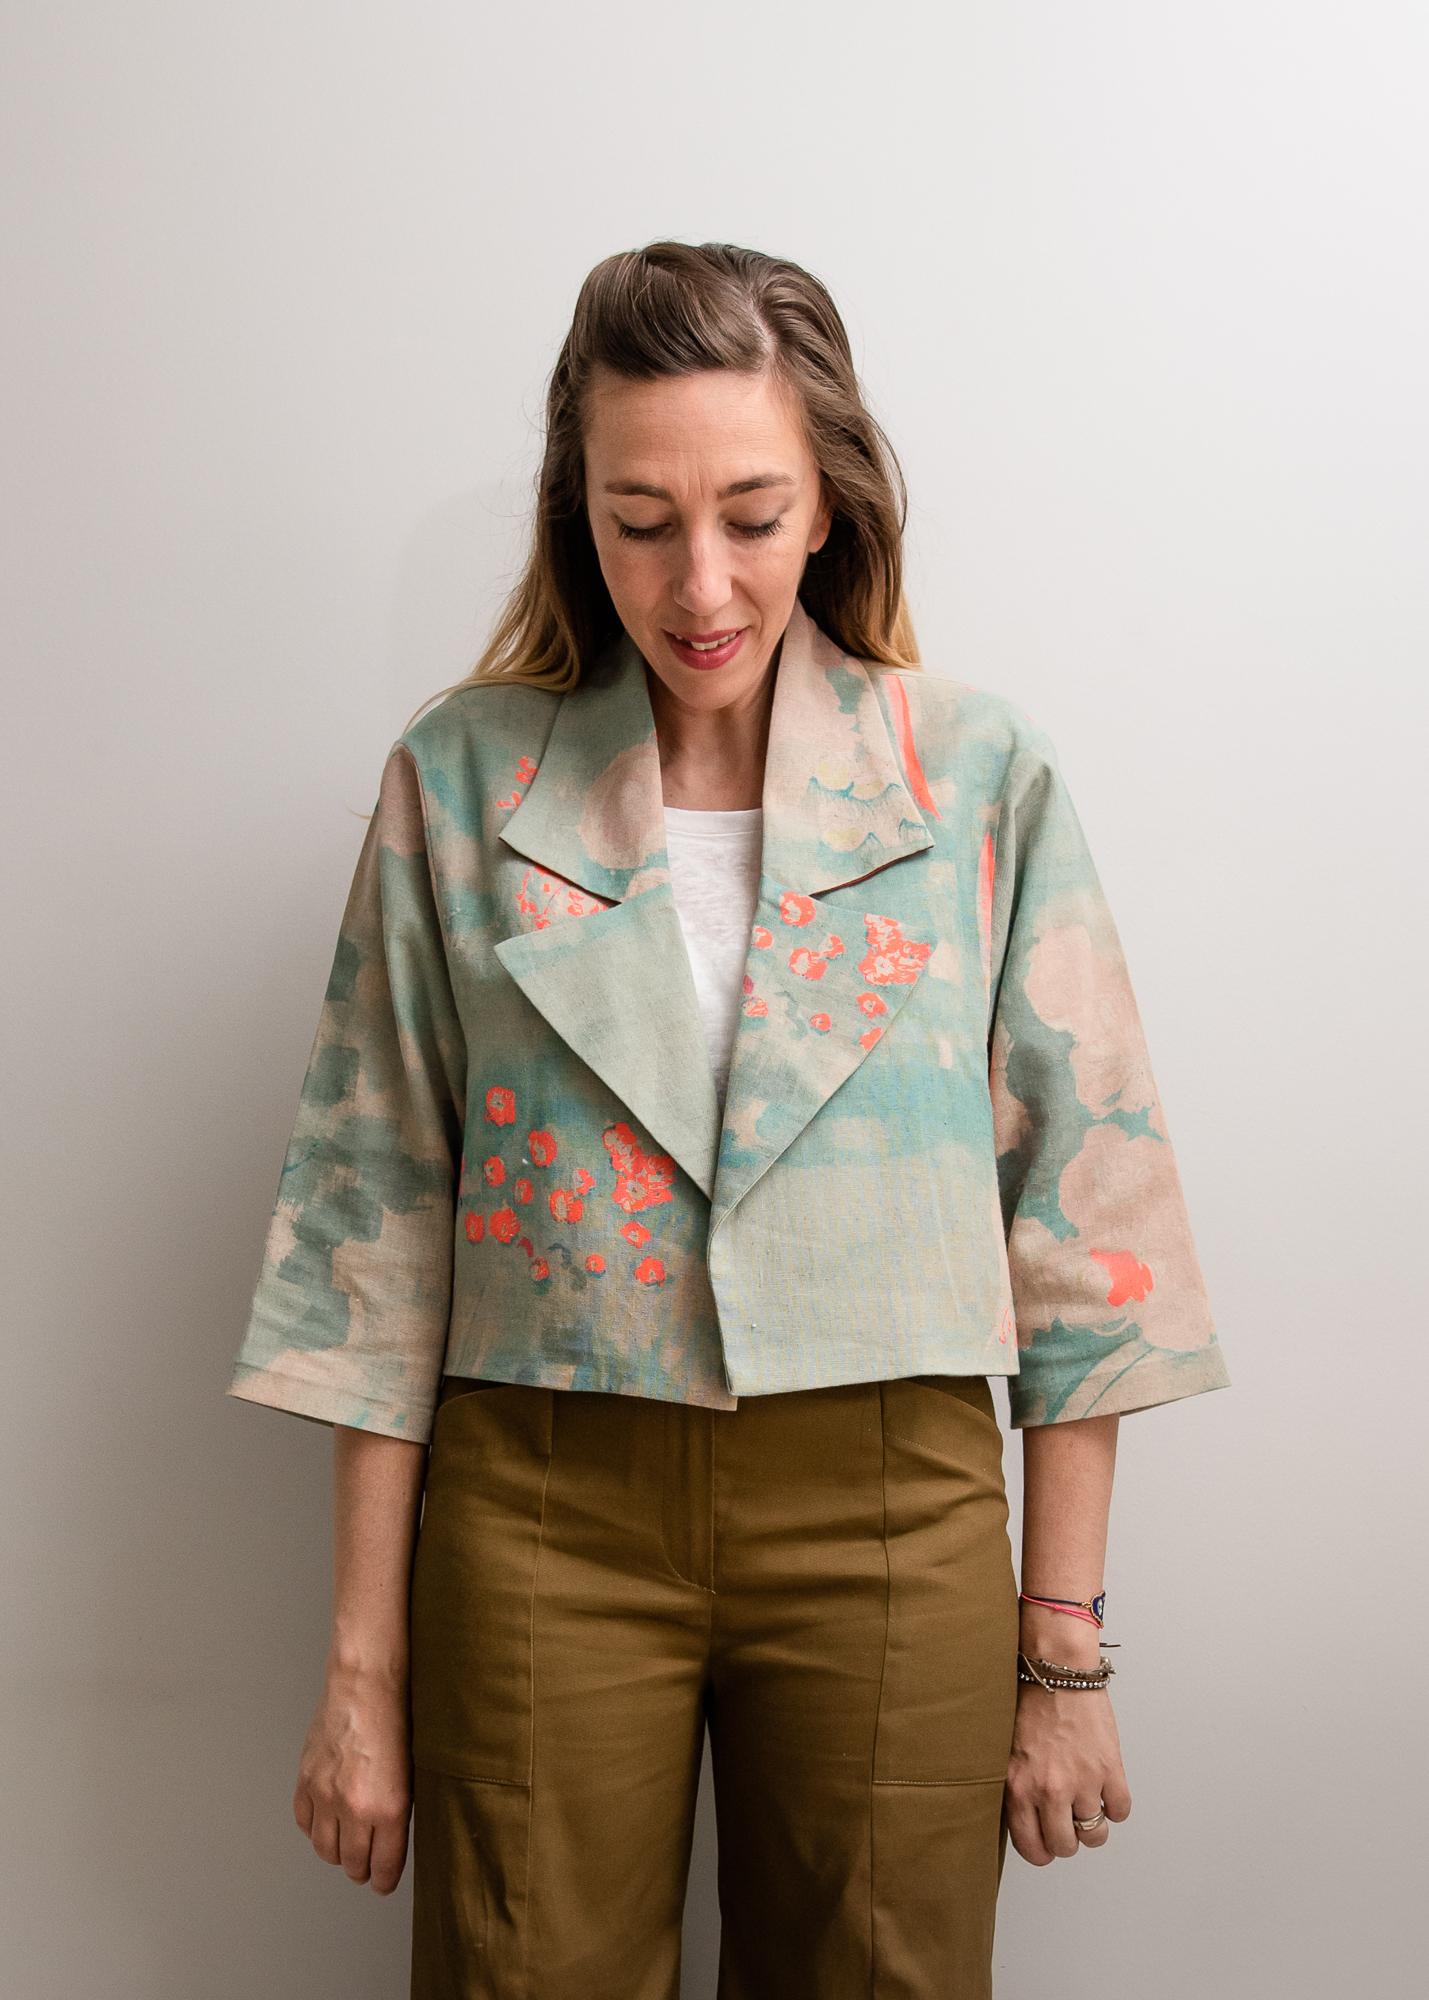 Surtout-Pdf-Sewing-Pattern-Coat-DIY05.jpg